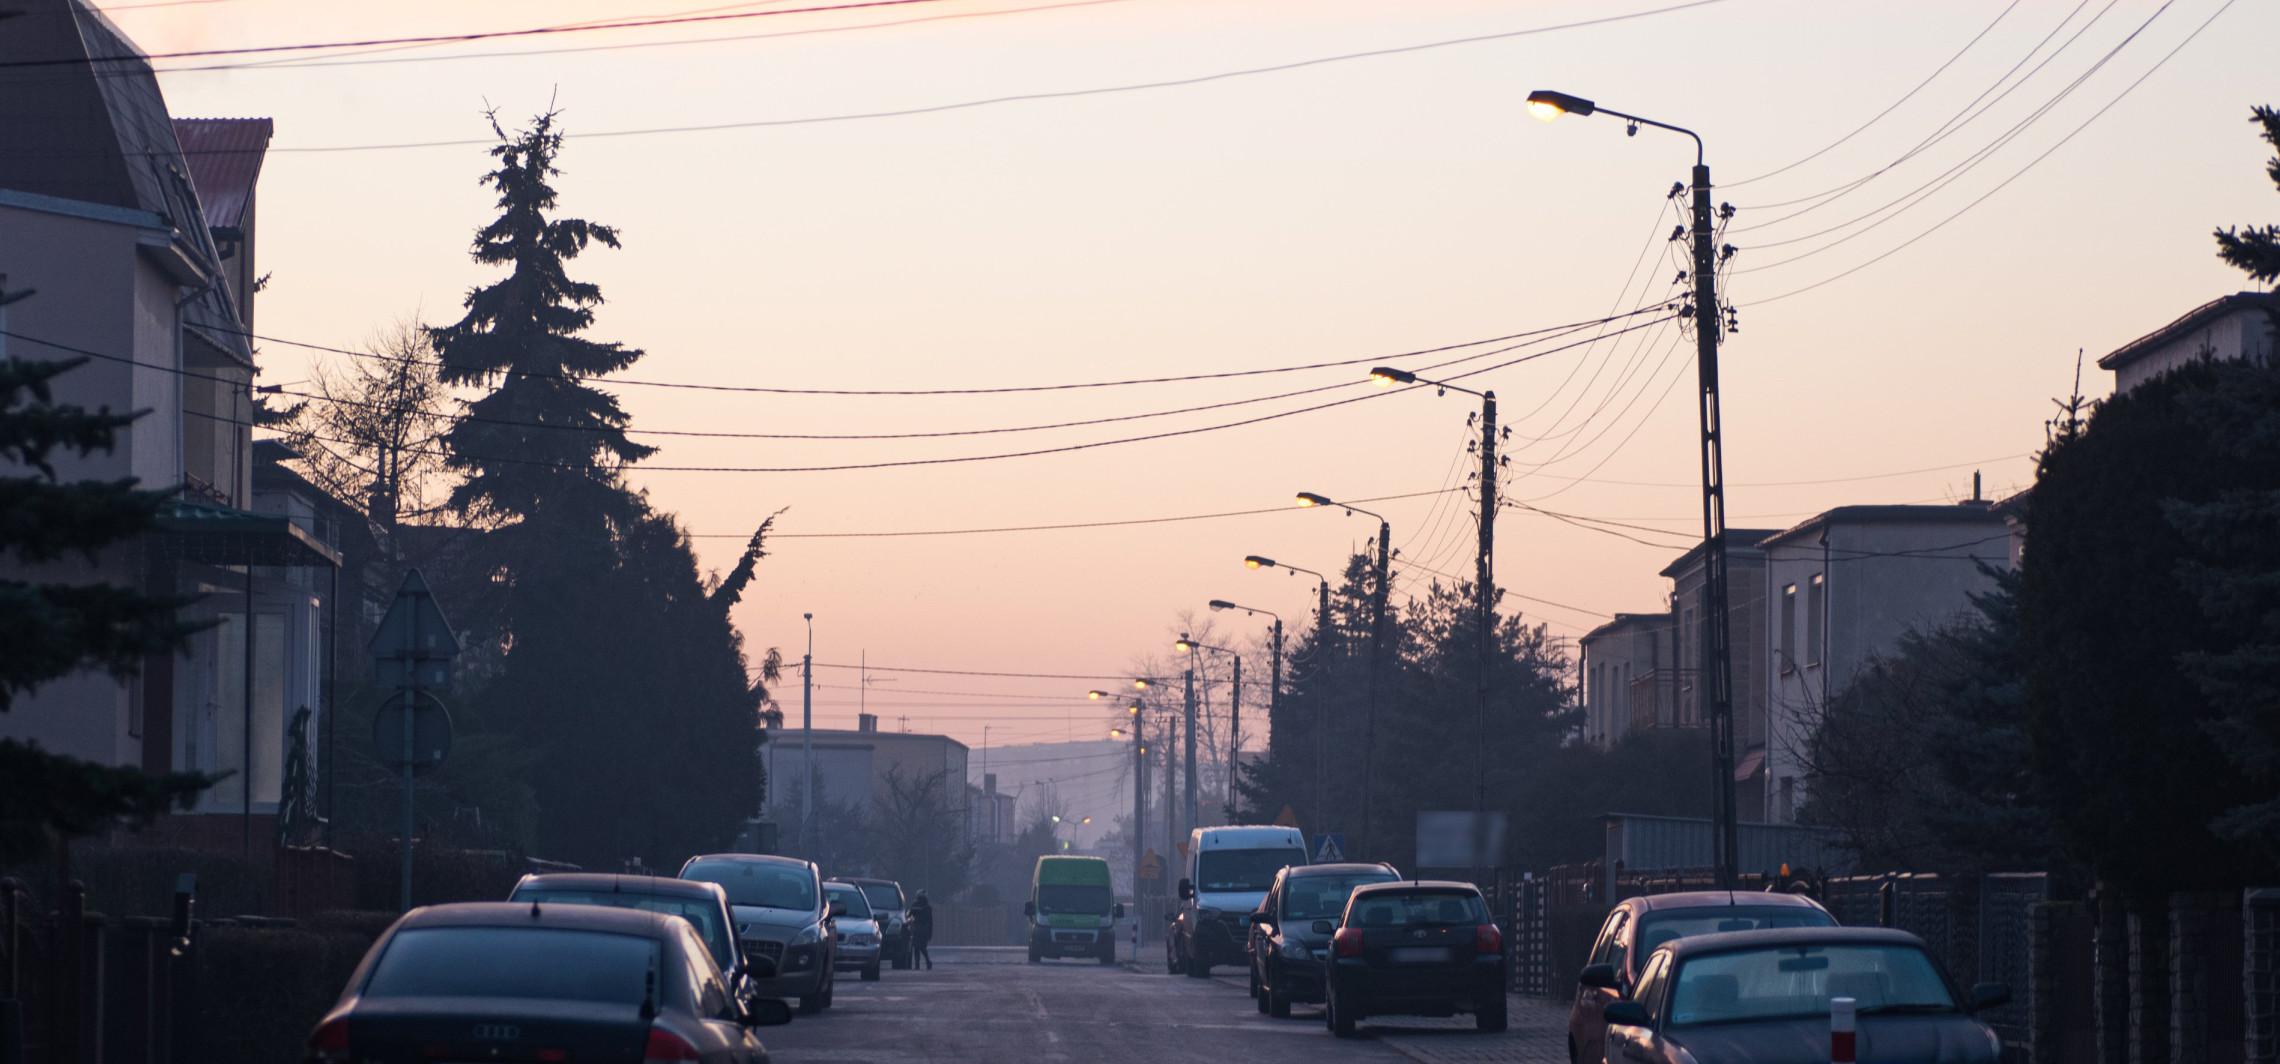 """Inowrocław - """"Czyste Powietrze"""". Inowrocław na szarym końcu"""